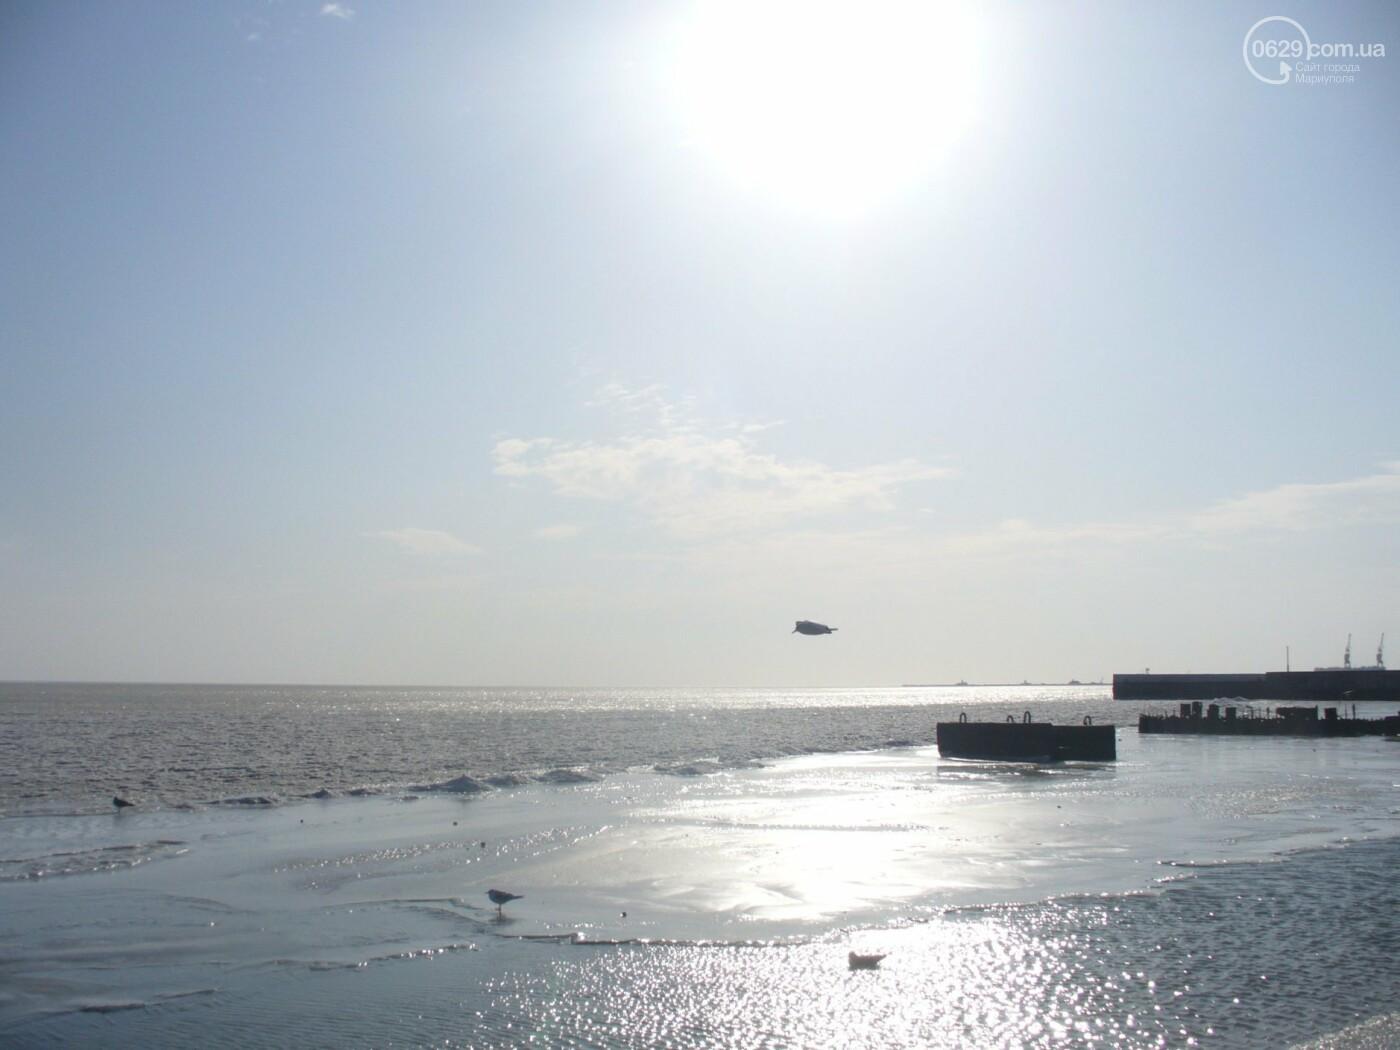 Замерзшее море: мариупольцы купались и выходили на лед, фото-3